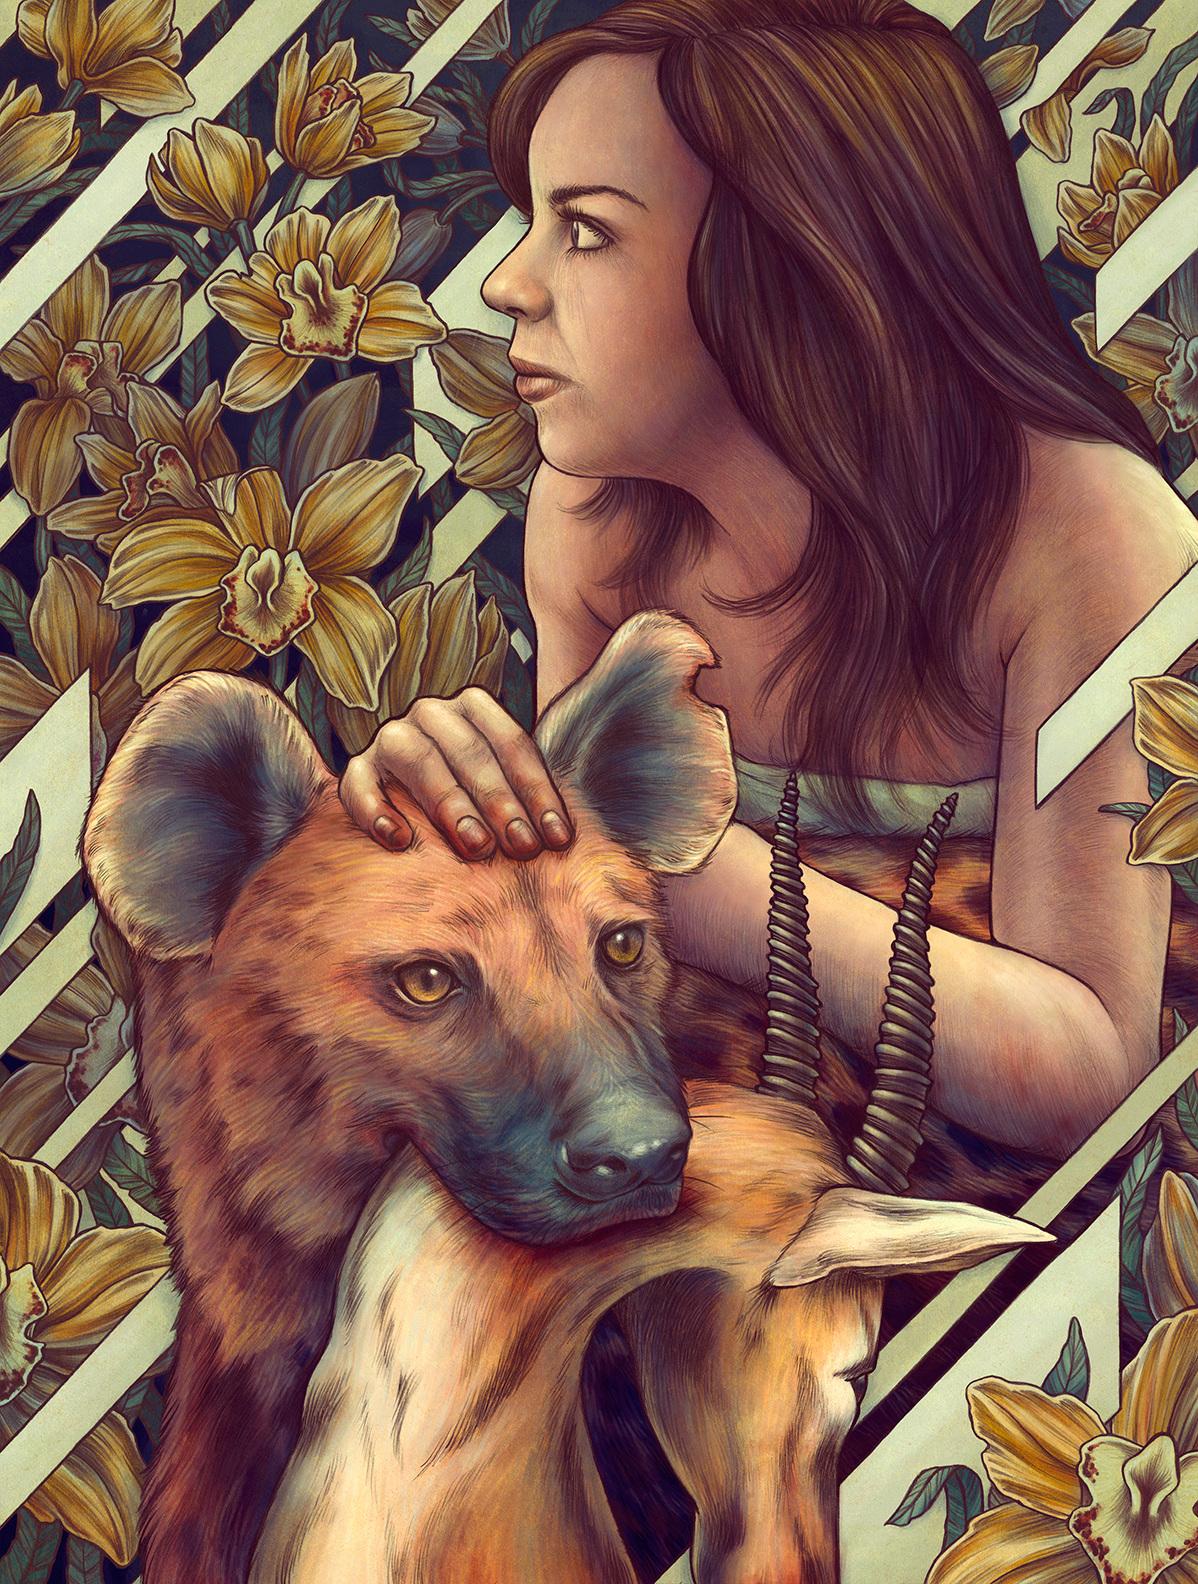 Retaro ilustrado de una chica con animales kate-ohara